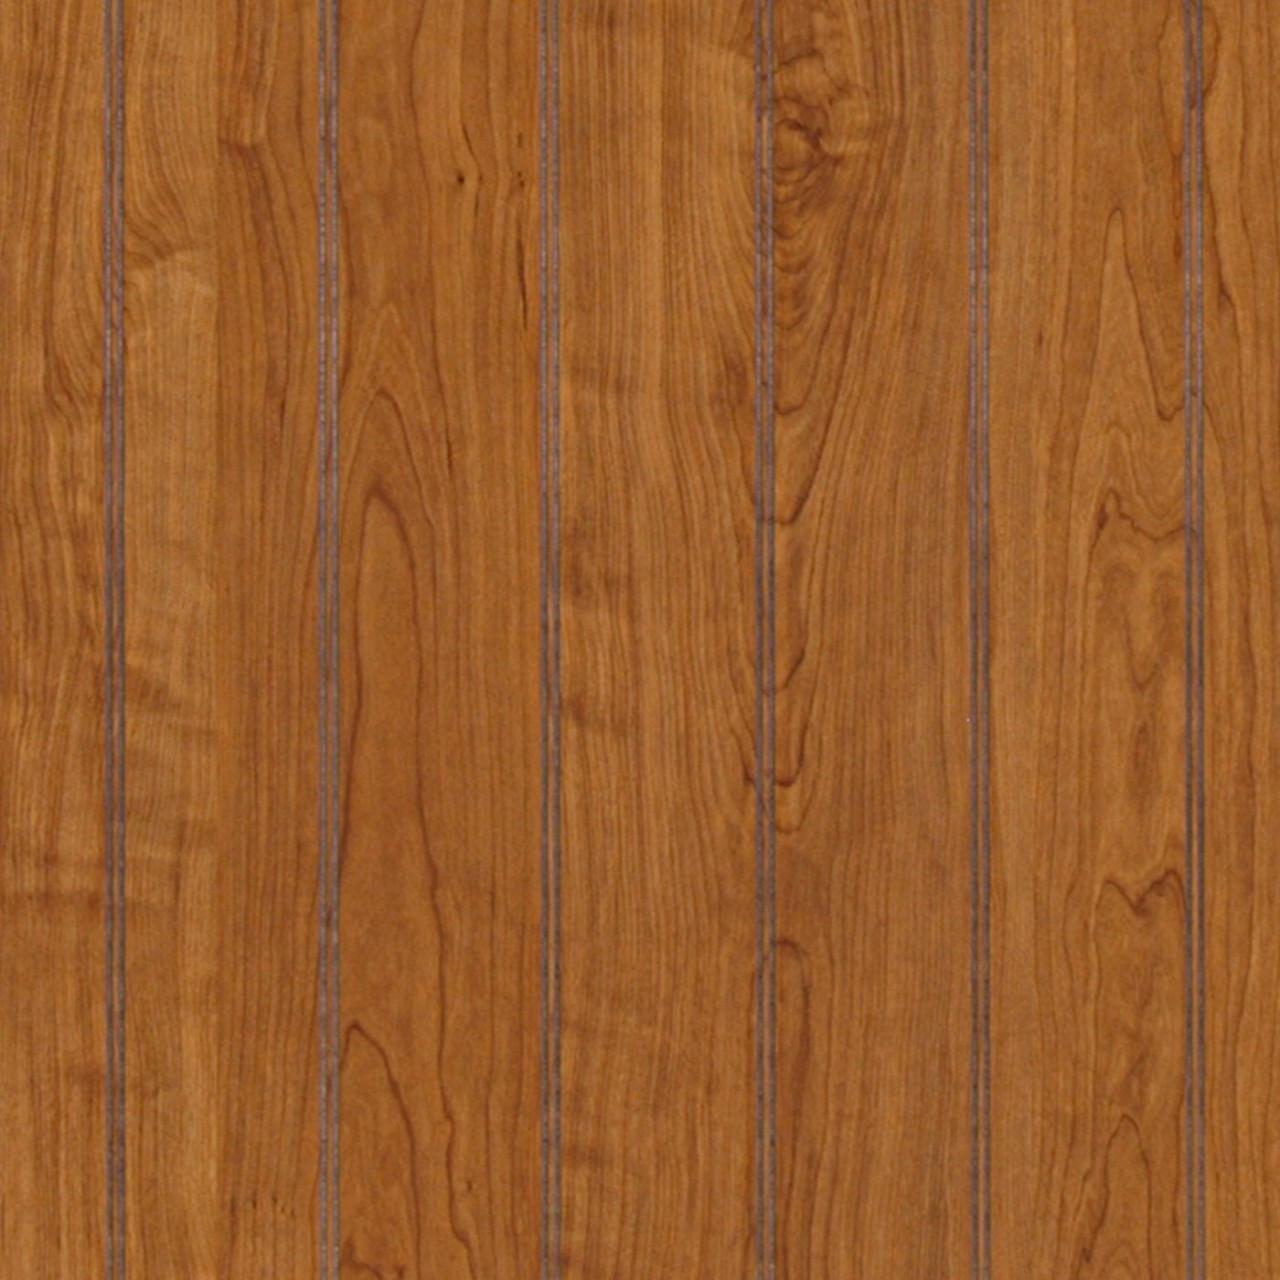 Wood Paneling: Wood Paneling Wainscot